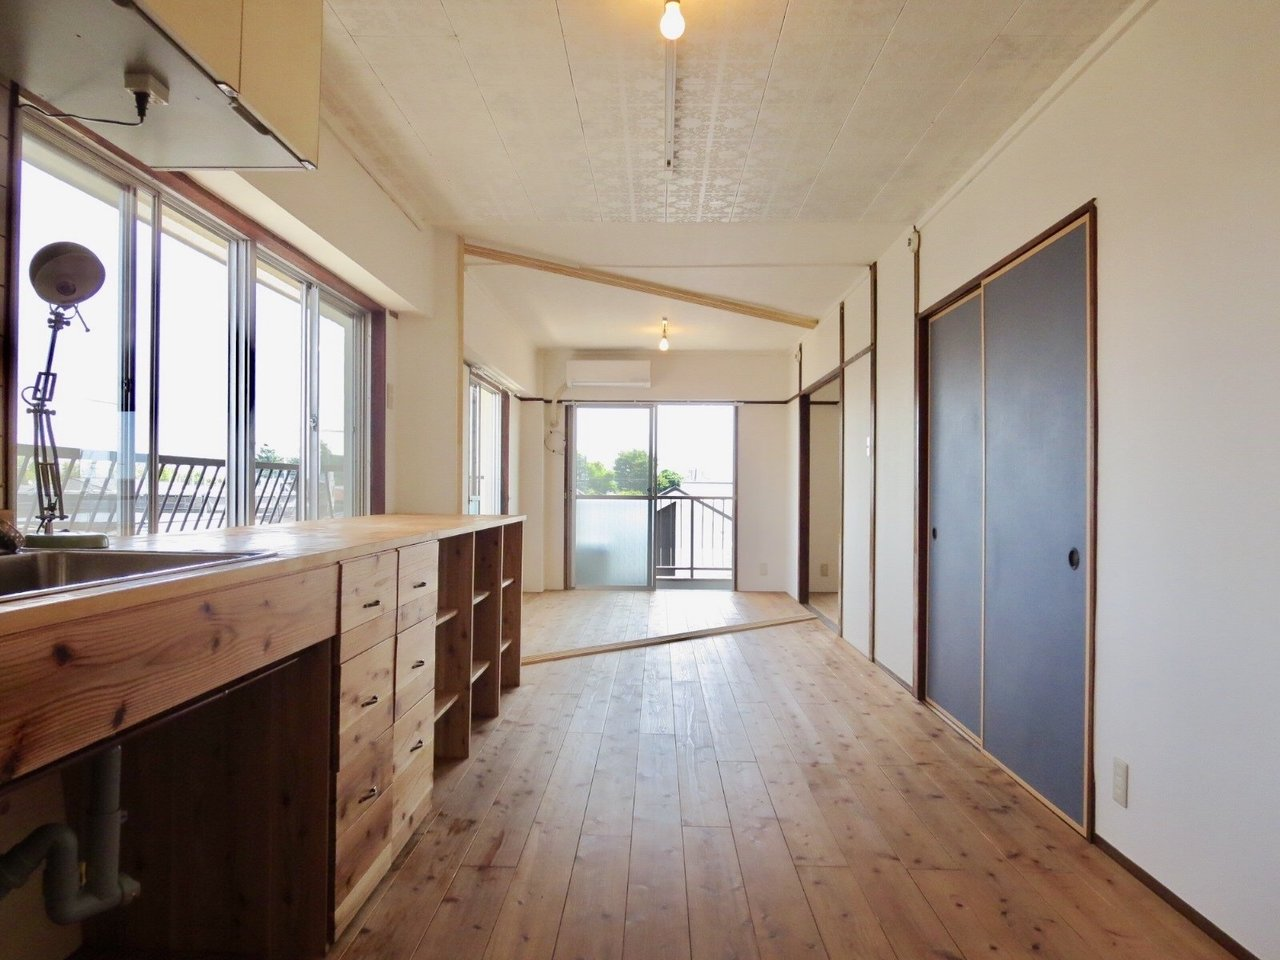 木の魅力を堪能できるお部屋。造作のキッチンが本当にツボです。住んでみたいなあ